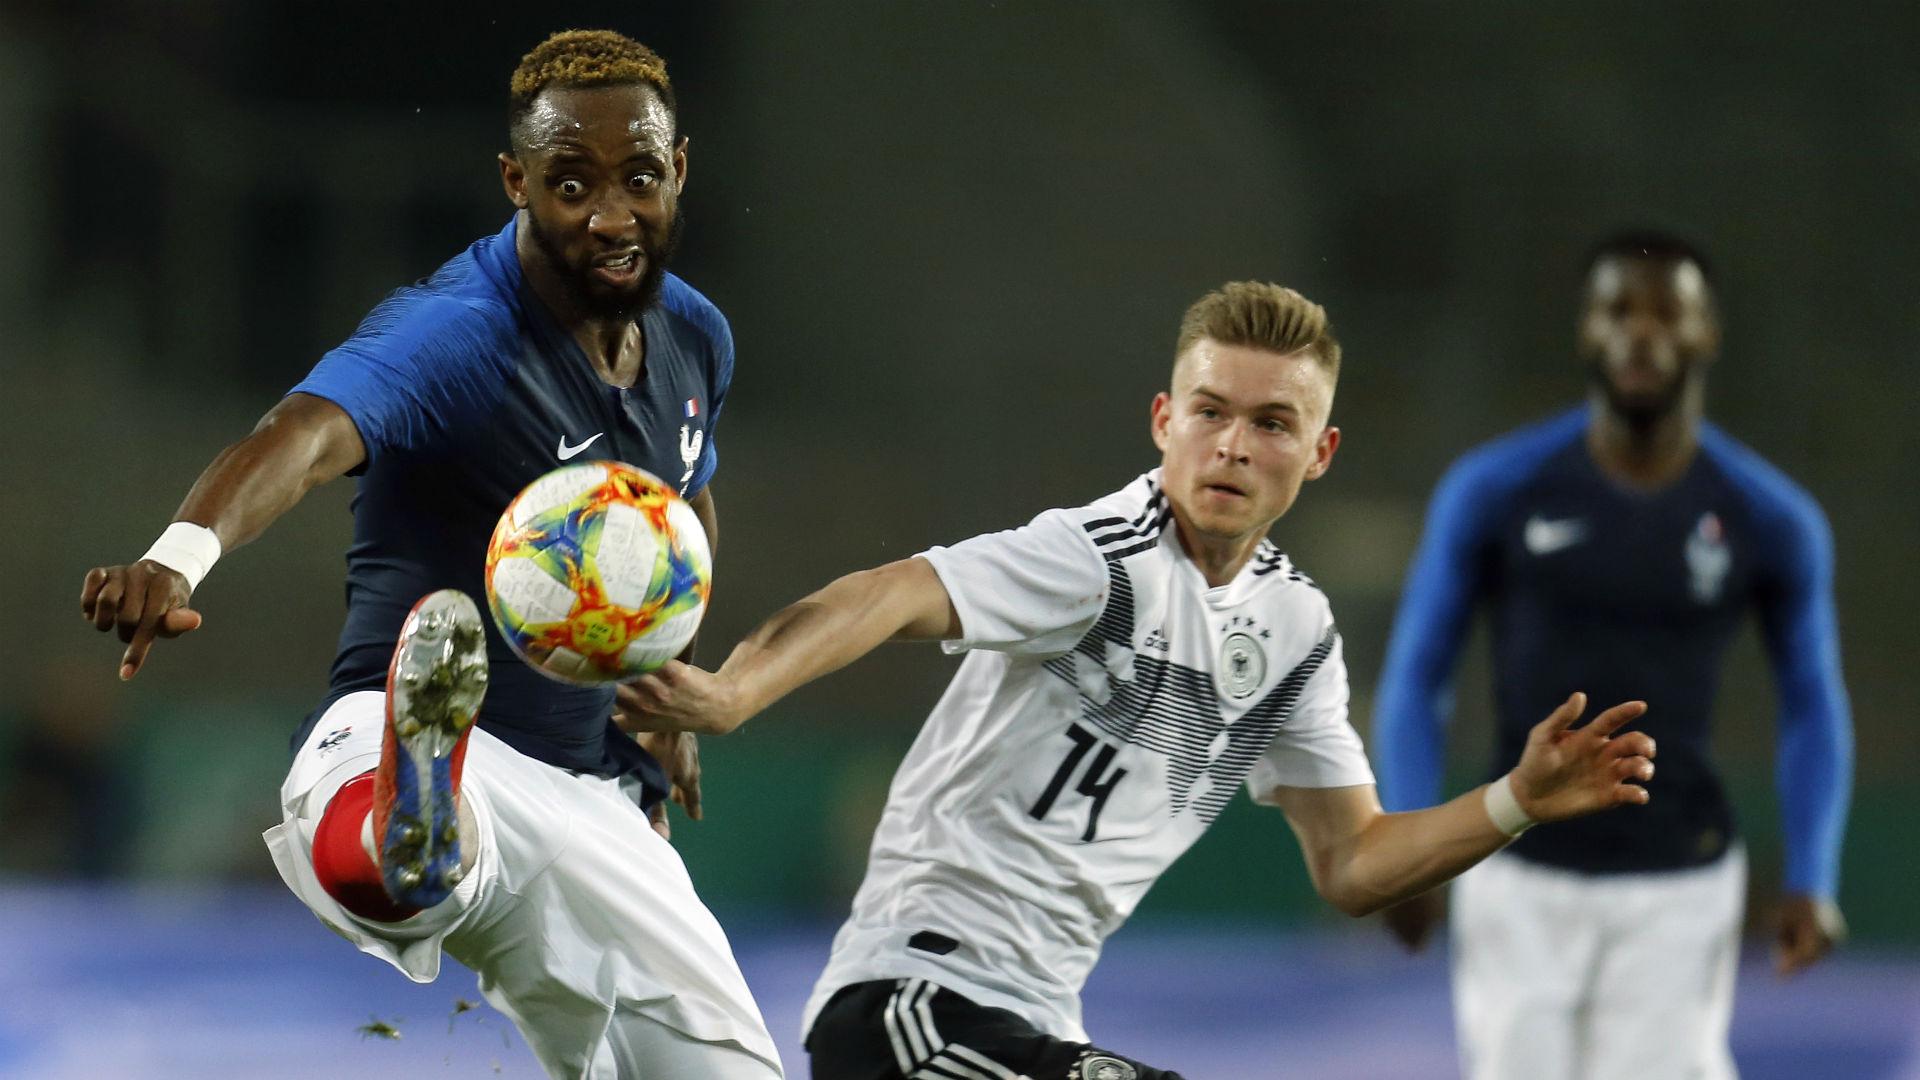 Euro Espoirs - Tousart, Dembélé, Aouar : le CV des 23 joueurs de l'équipe de France